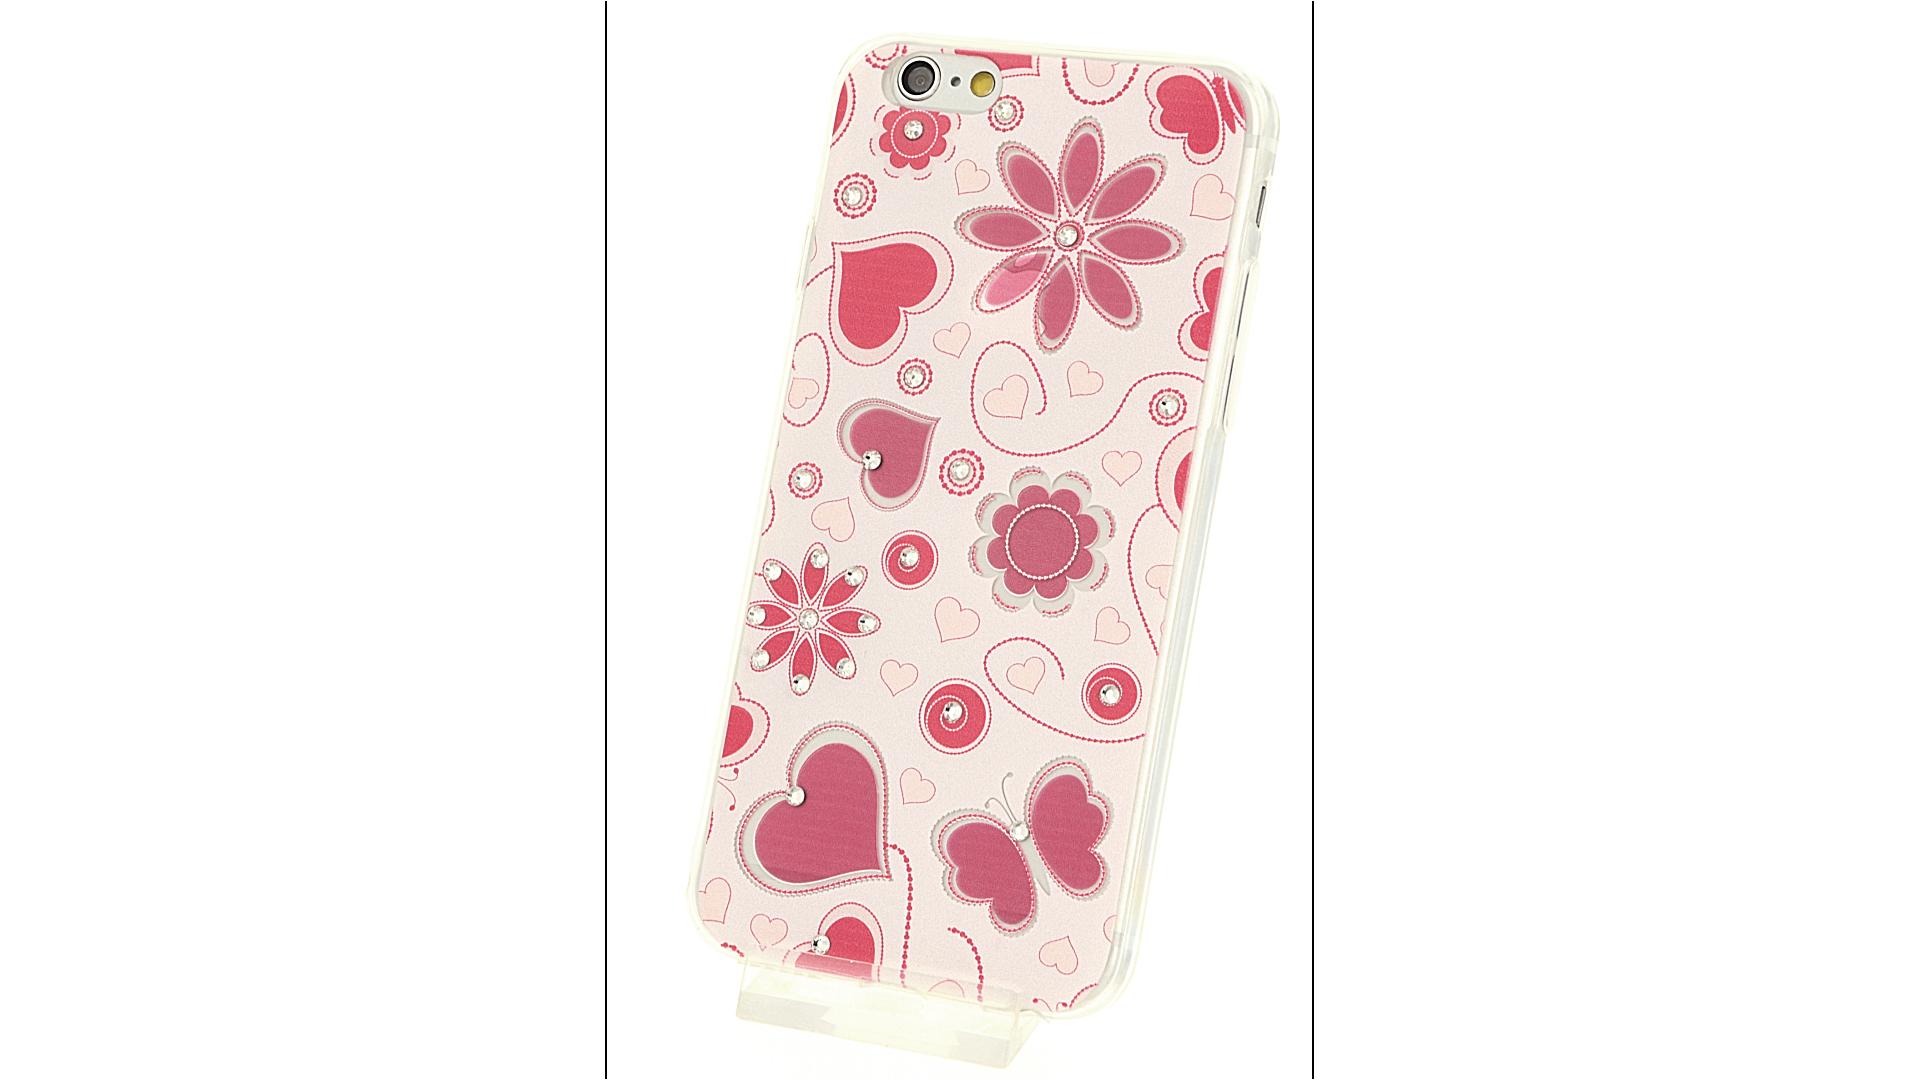 Plastový zadní kryt pro iPhone 6 a iPhone 6S s motivem srdce 8ea40c29b03